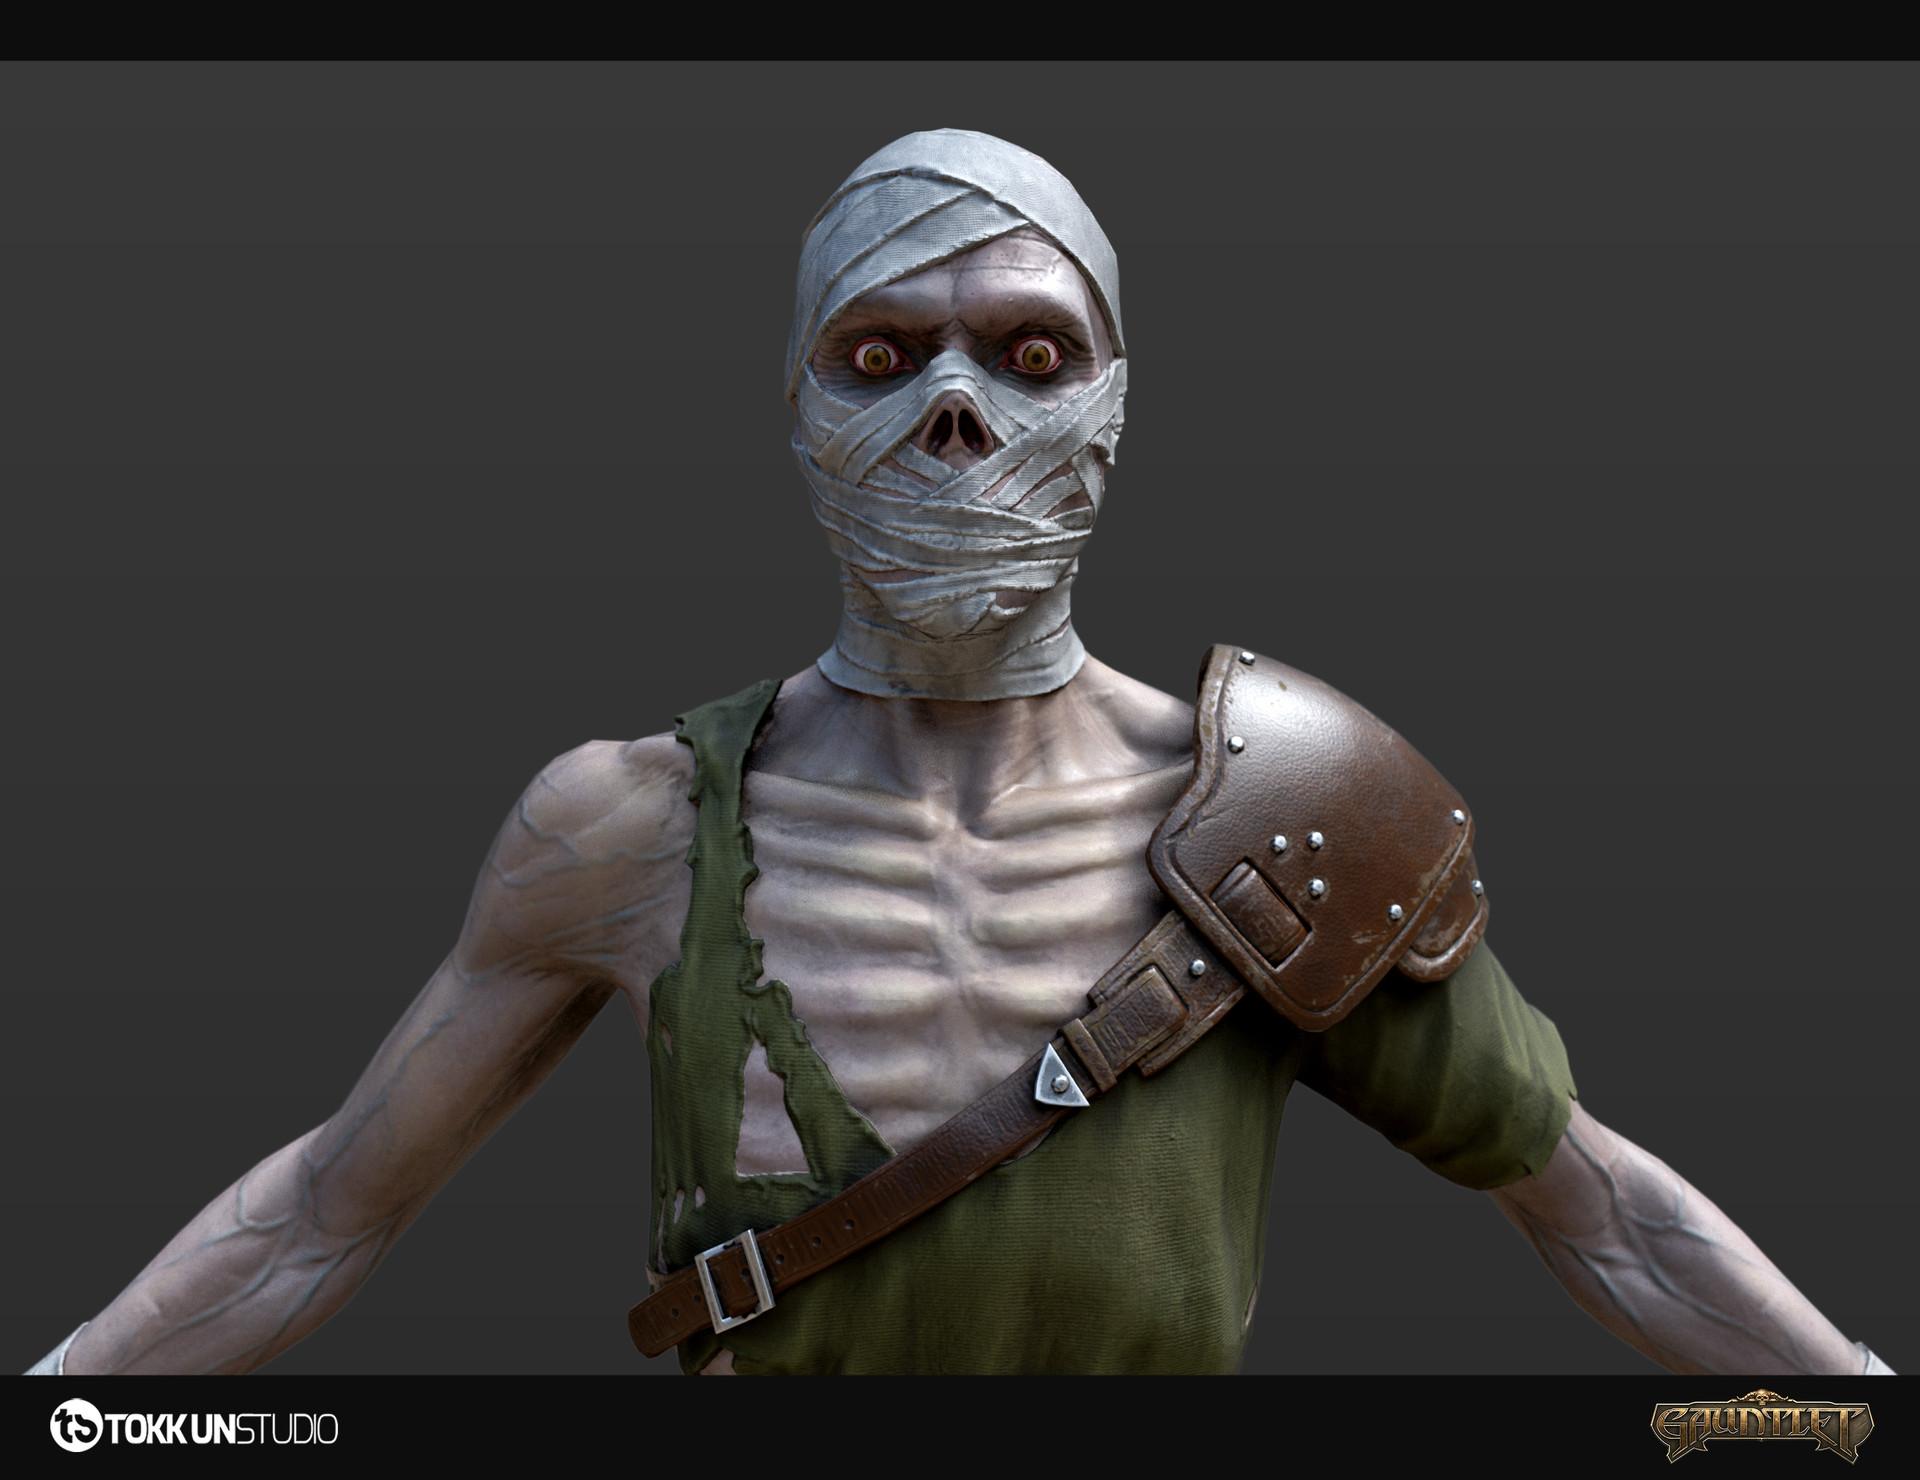 Tokkun studio zombie iray beautyshots 002